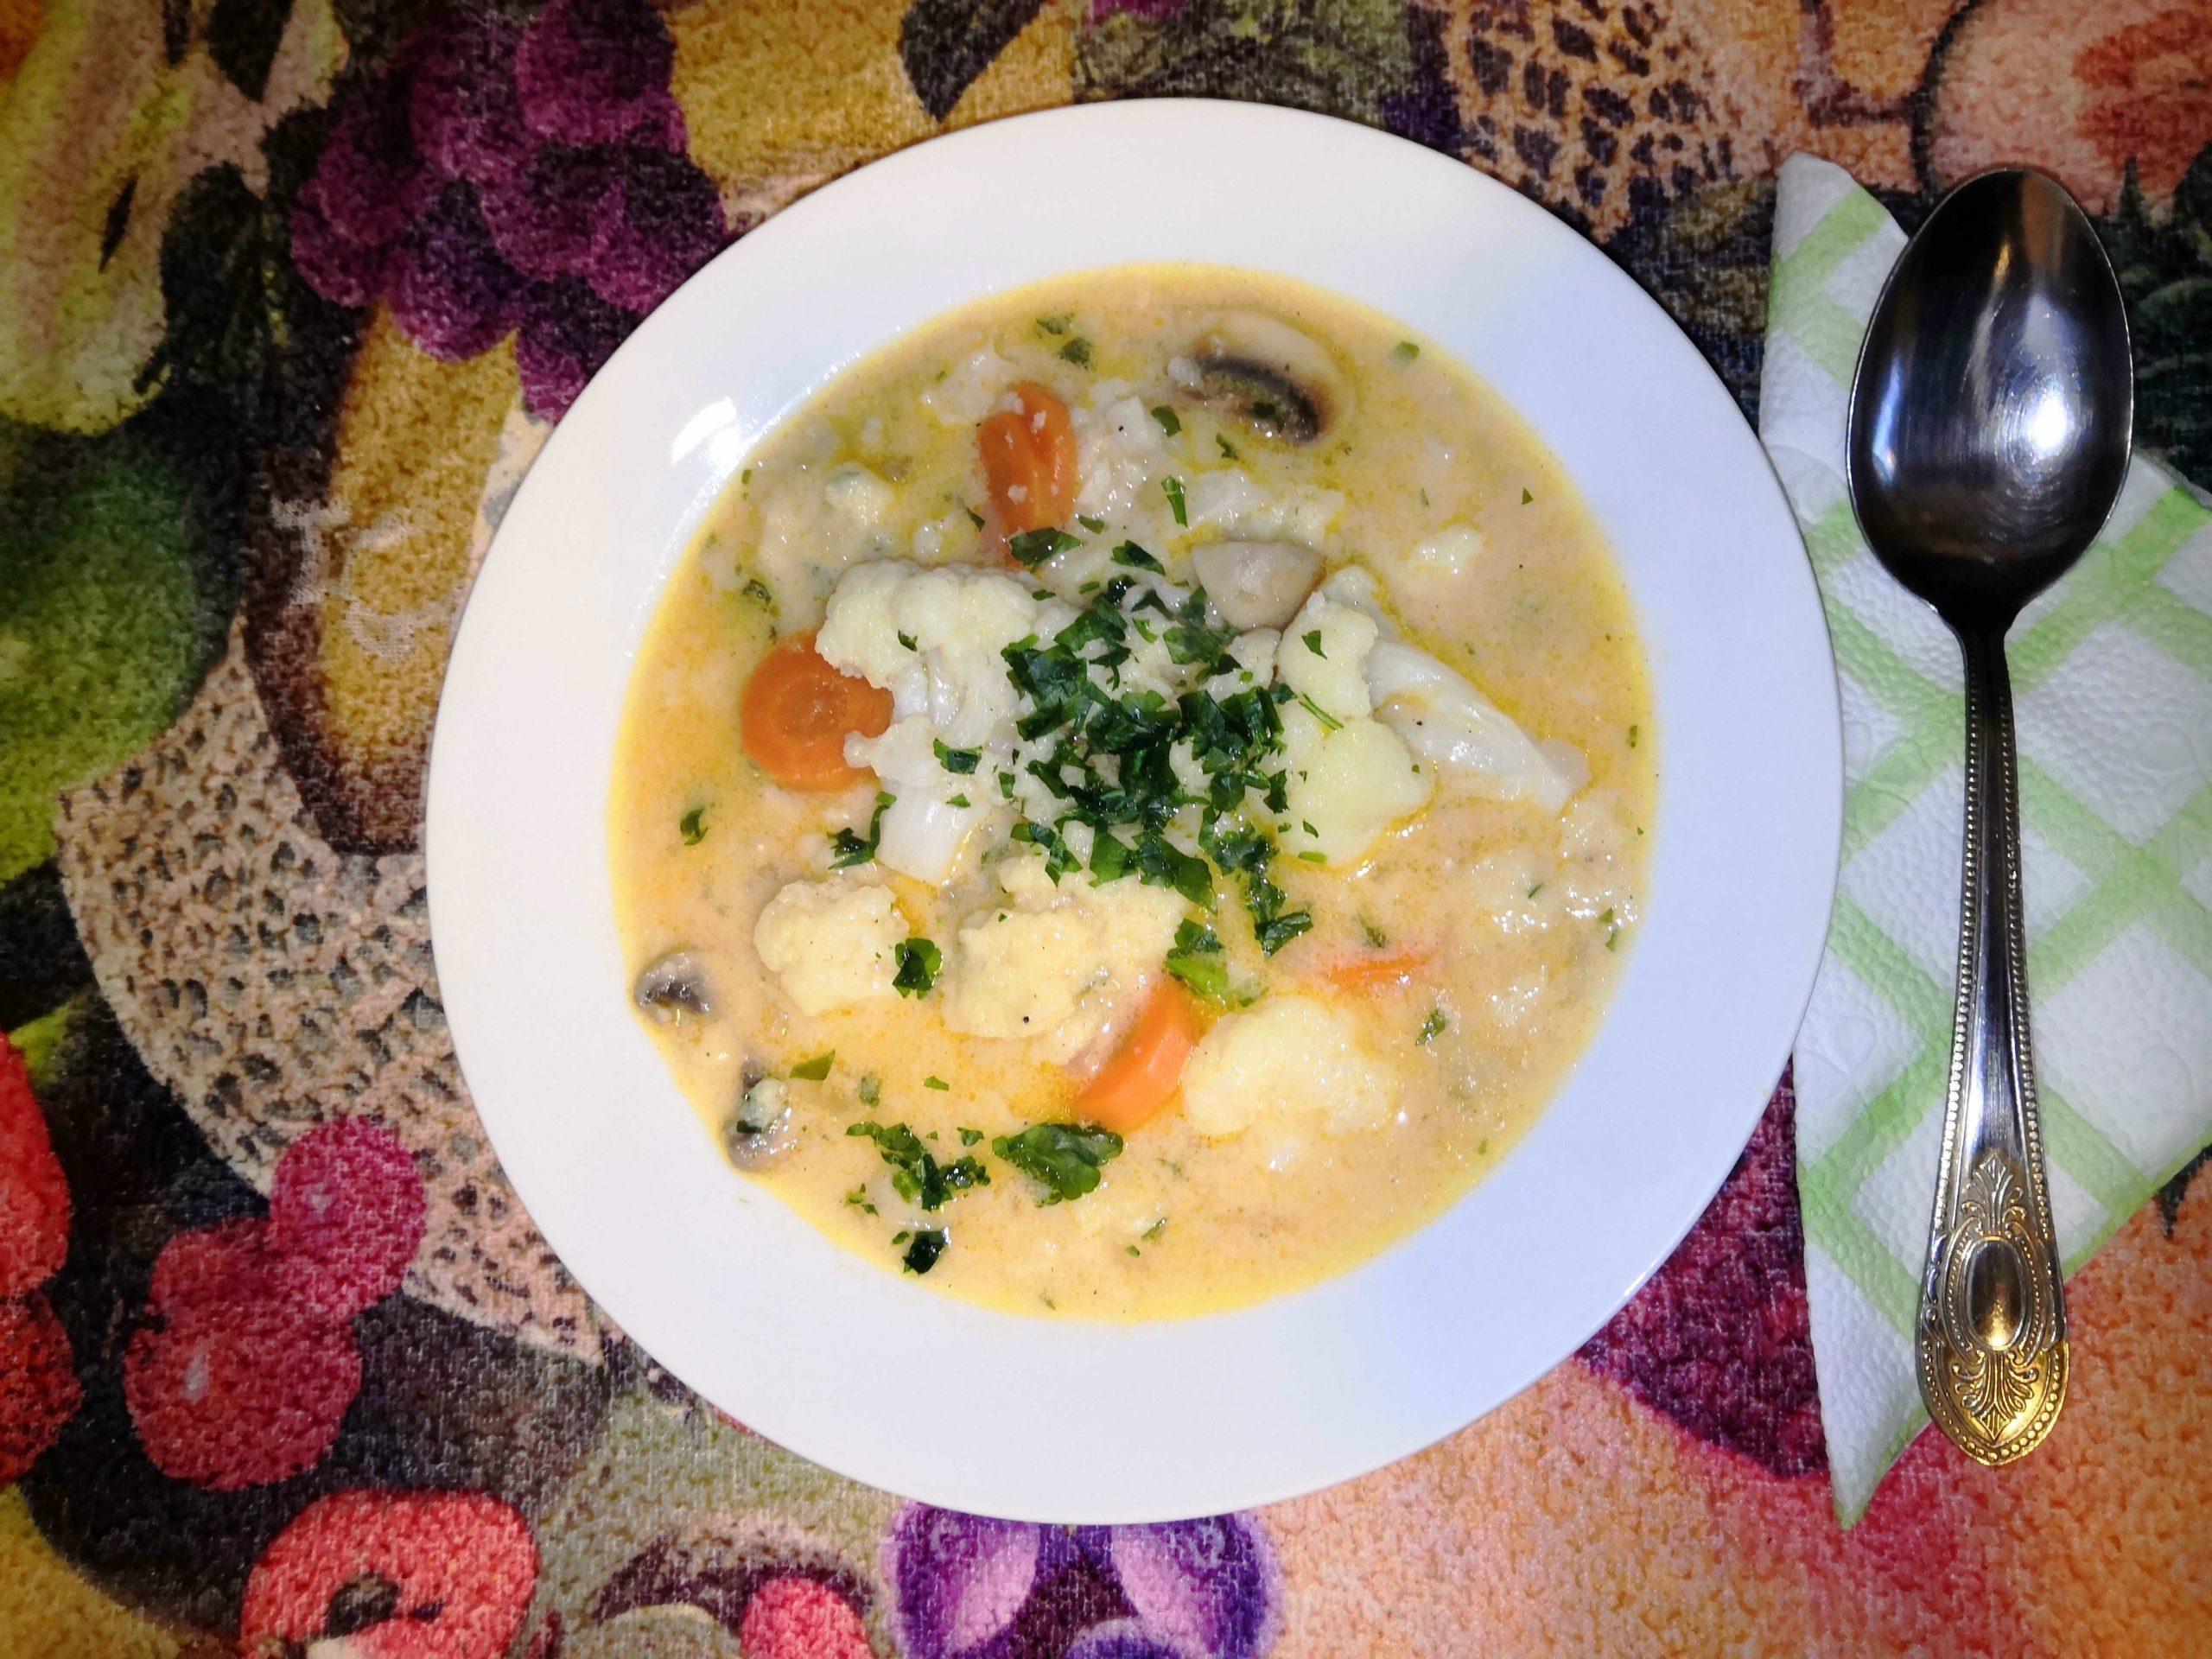 Karfiol leves vajas galuskával